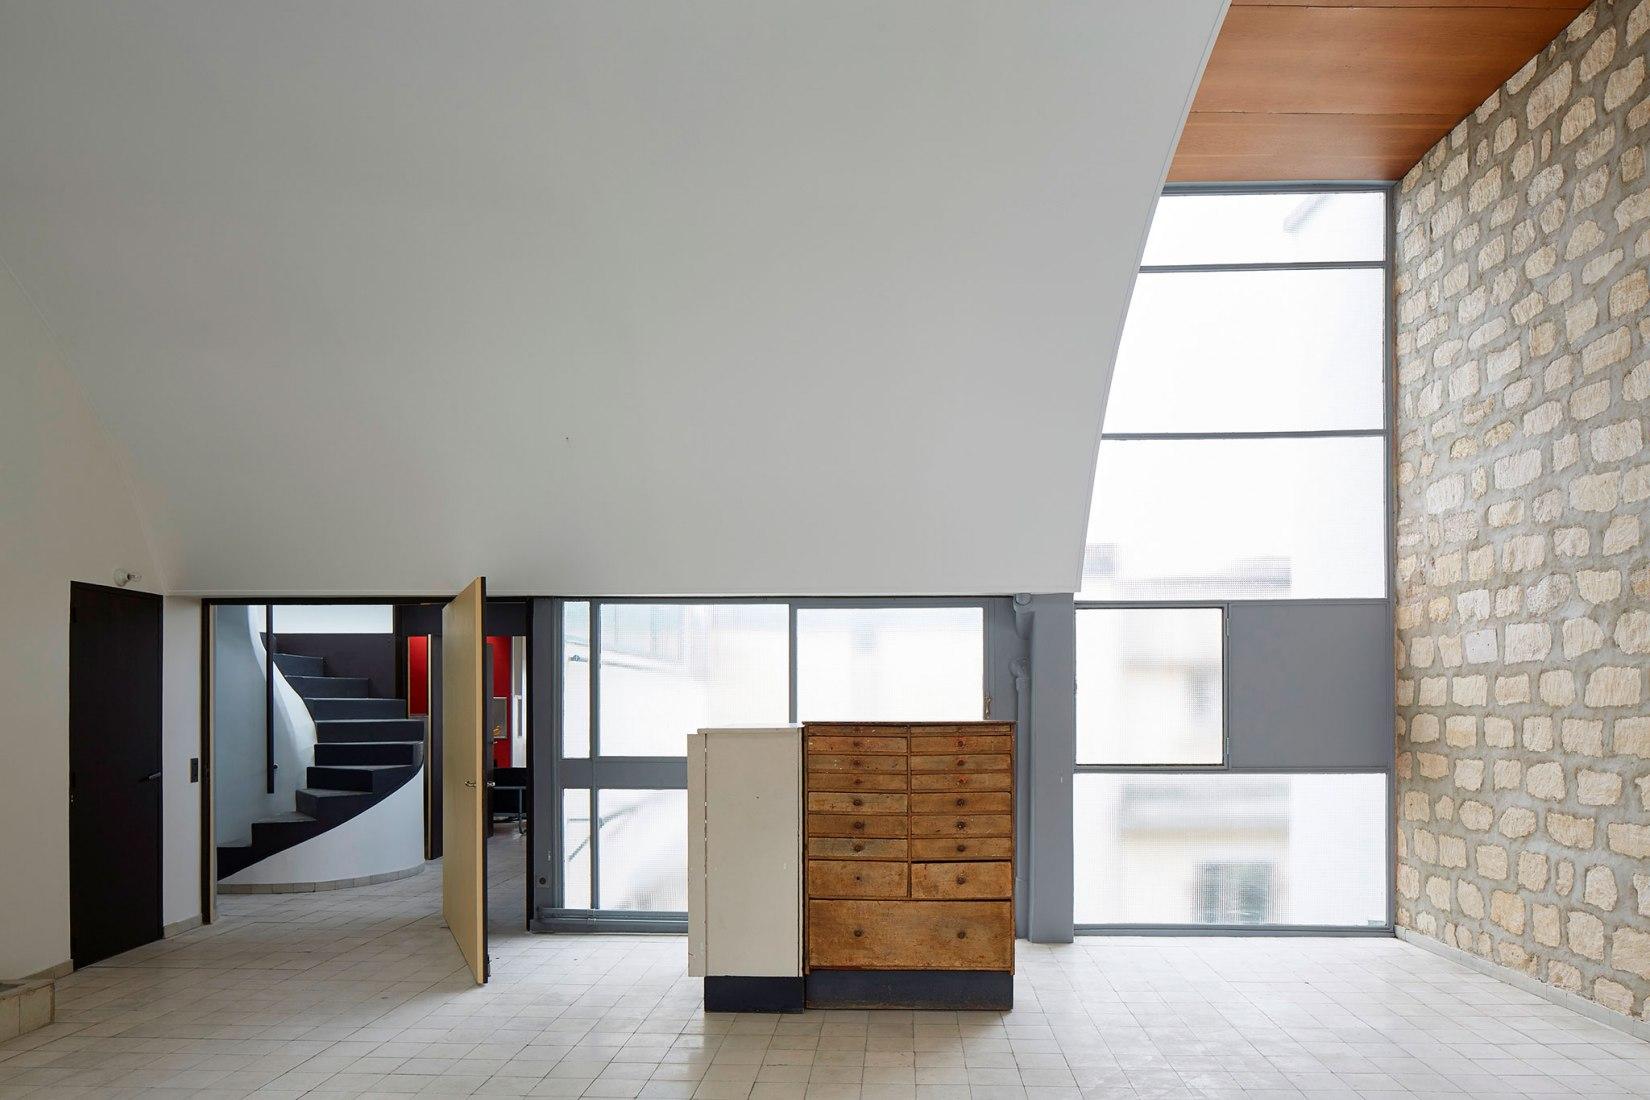 Estudio. Apartamento-estudio de Le Corbusier en París. Imagen © FLC-ADAGP - Antoine Mercusot